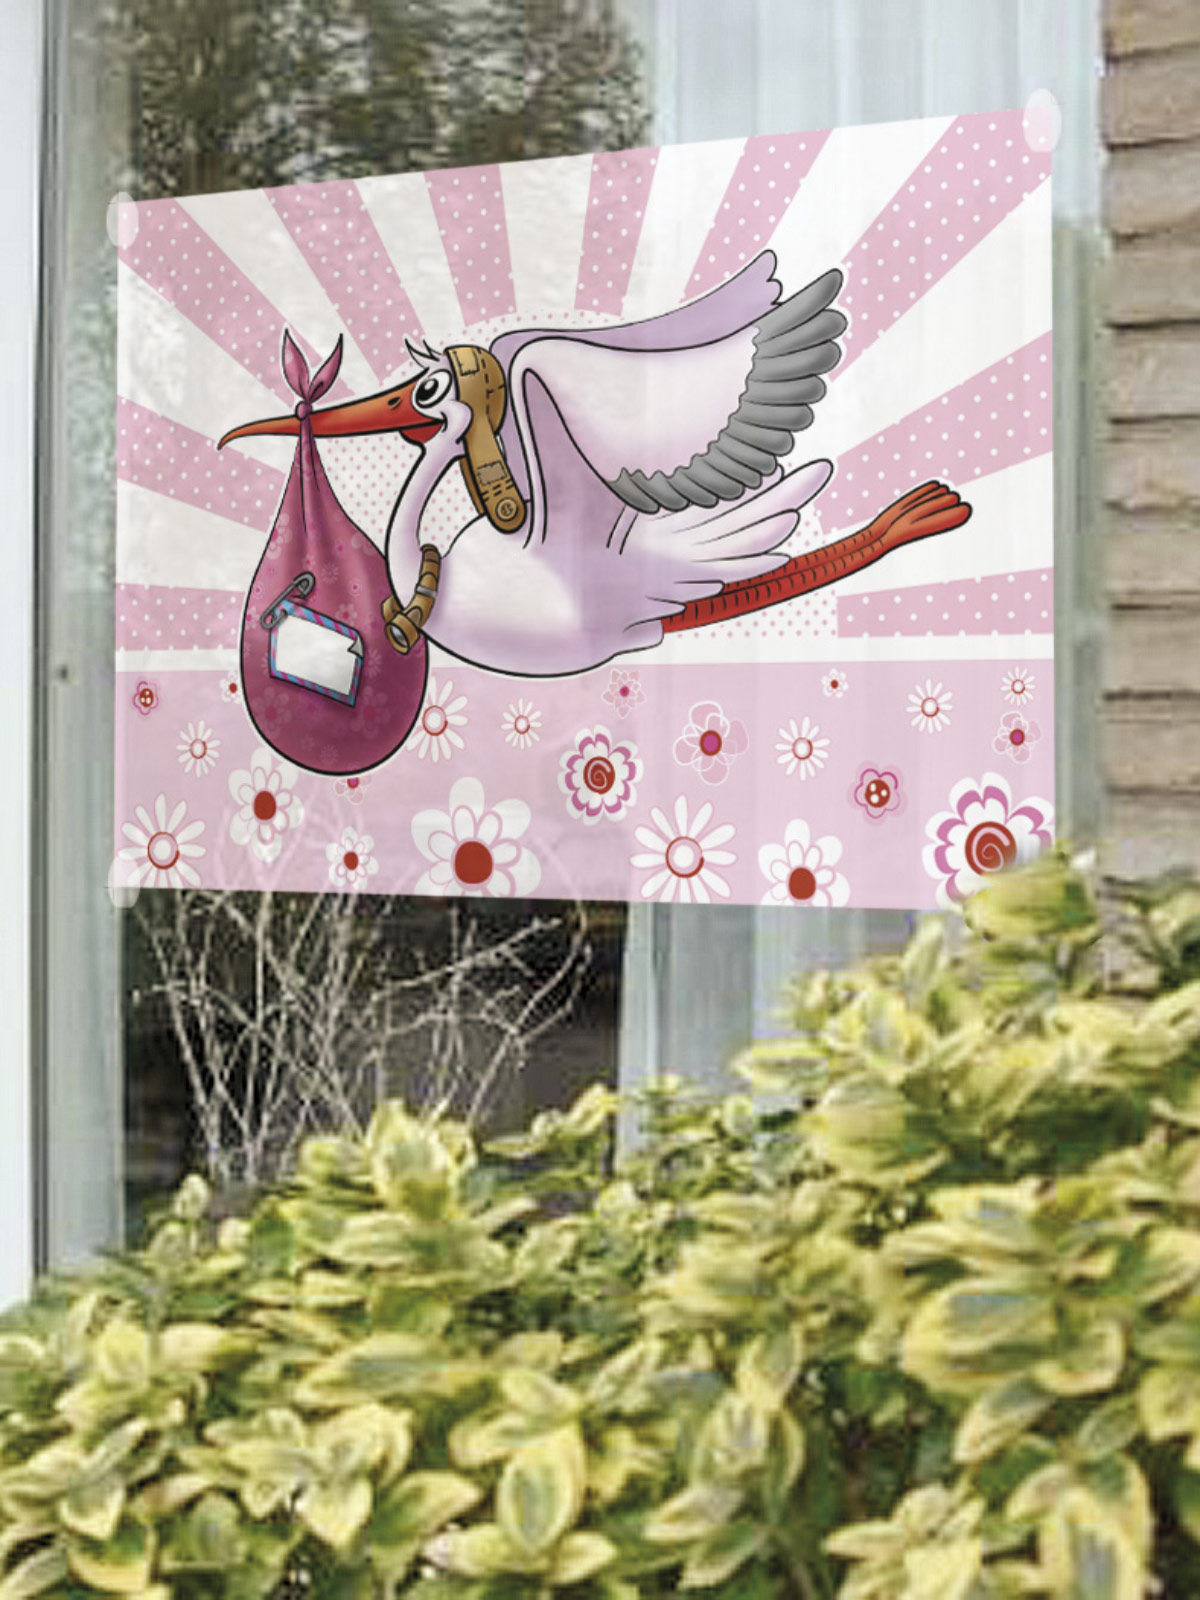 Fenster Fahne Klapperstorch Geburtstag Party Deko Rosa Weiss 90x60cm